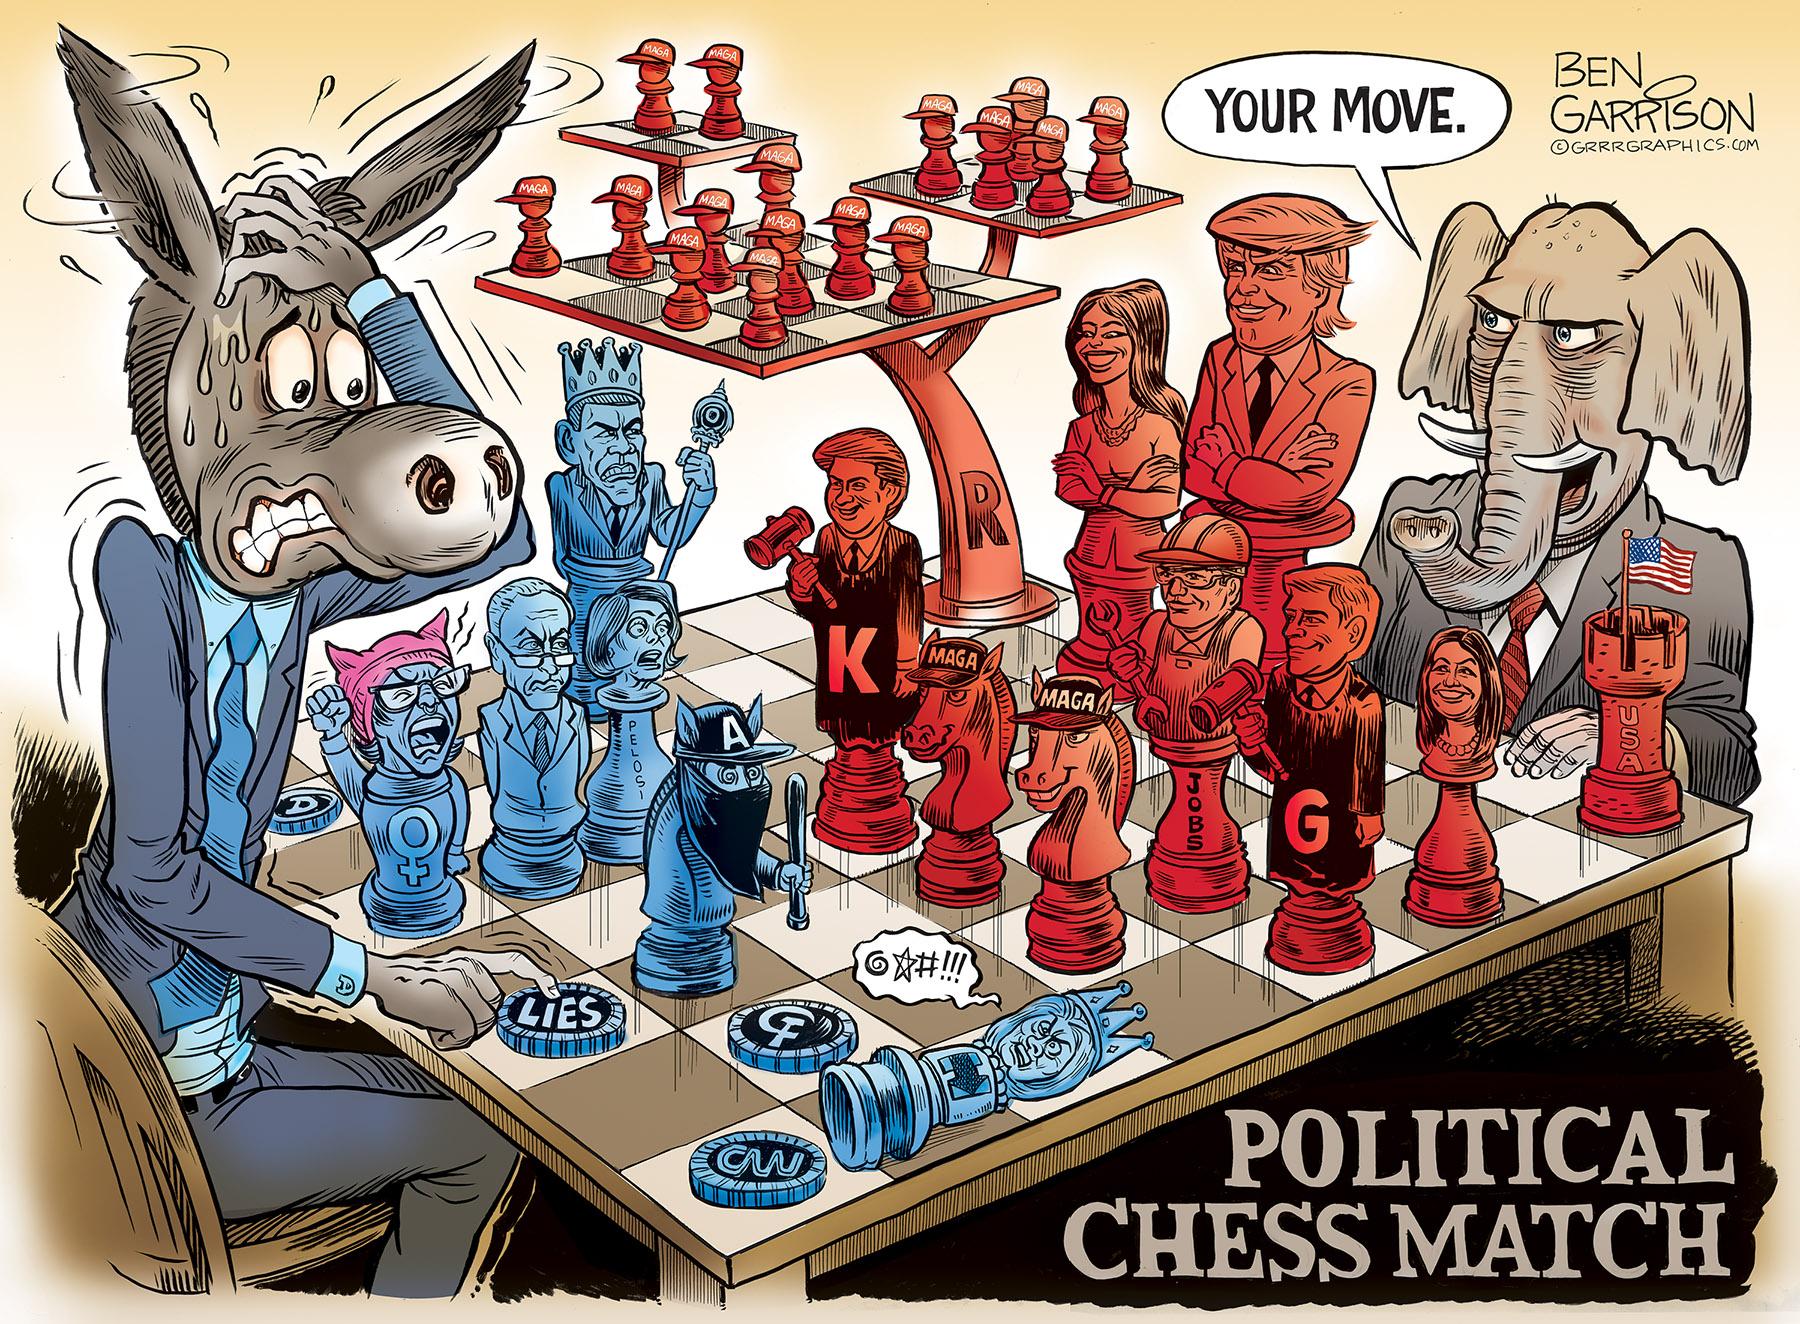 POLITICAL_CHESS_MATCH